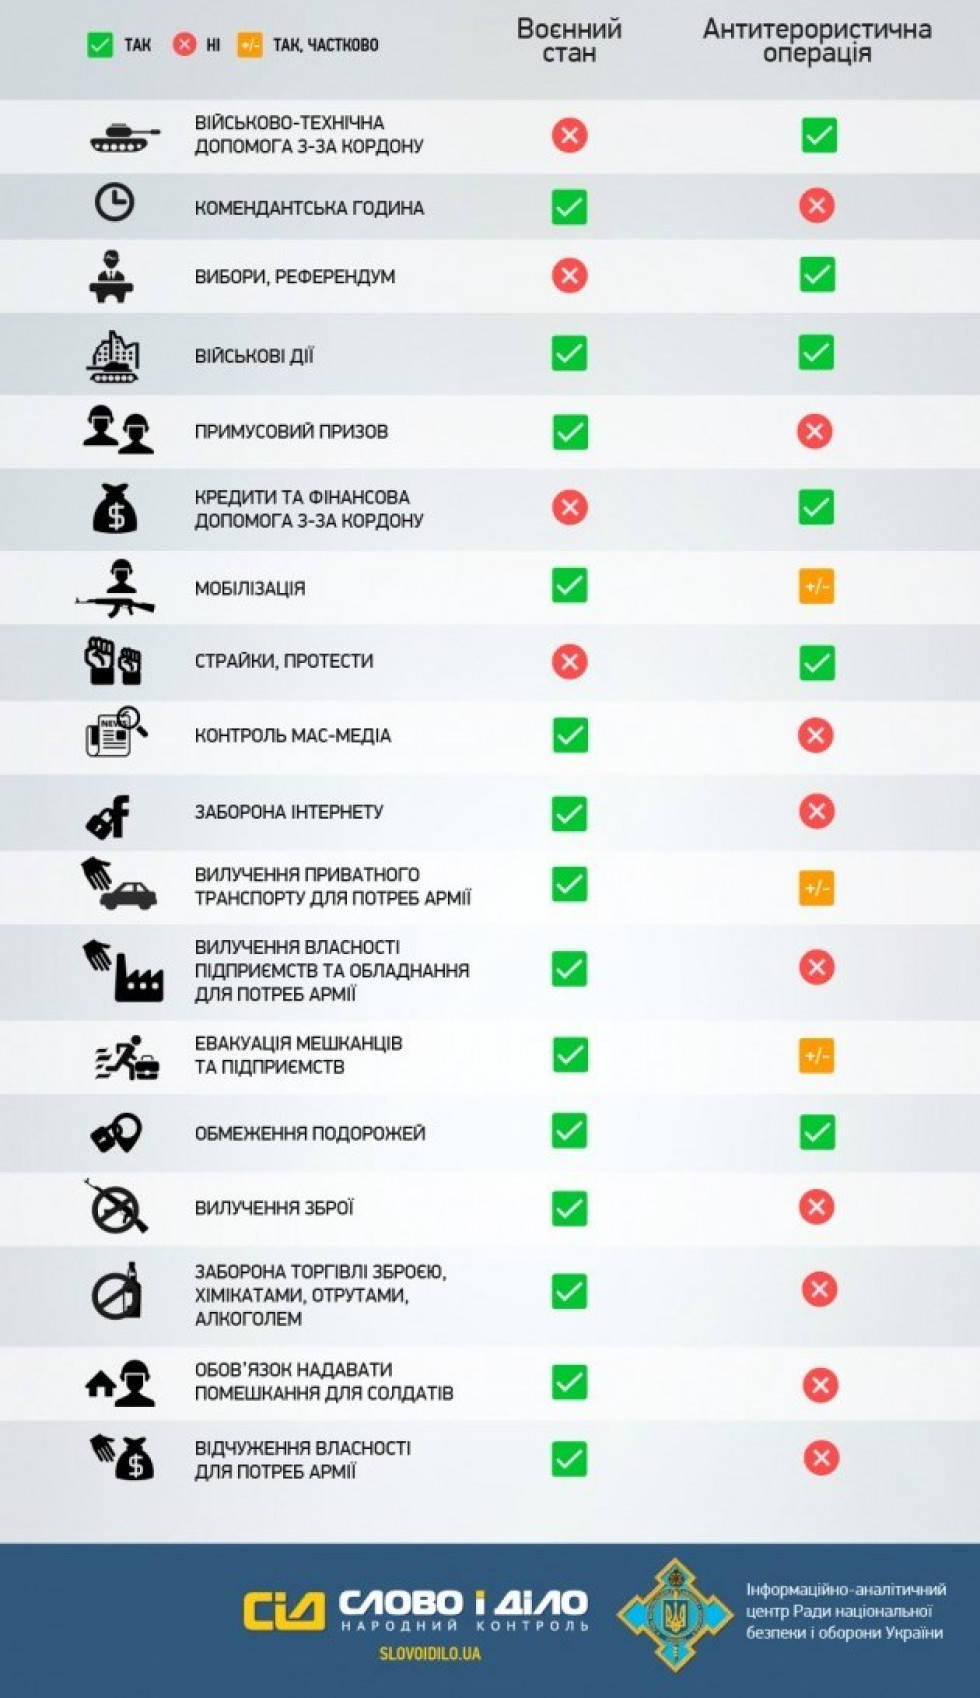 Різниця між Воєнним станом та АТО